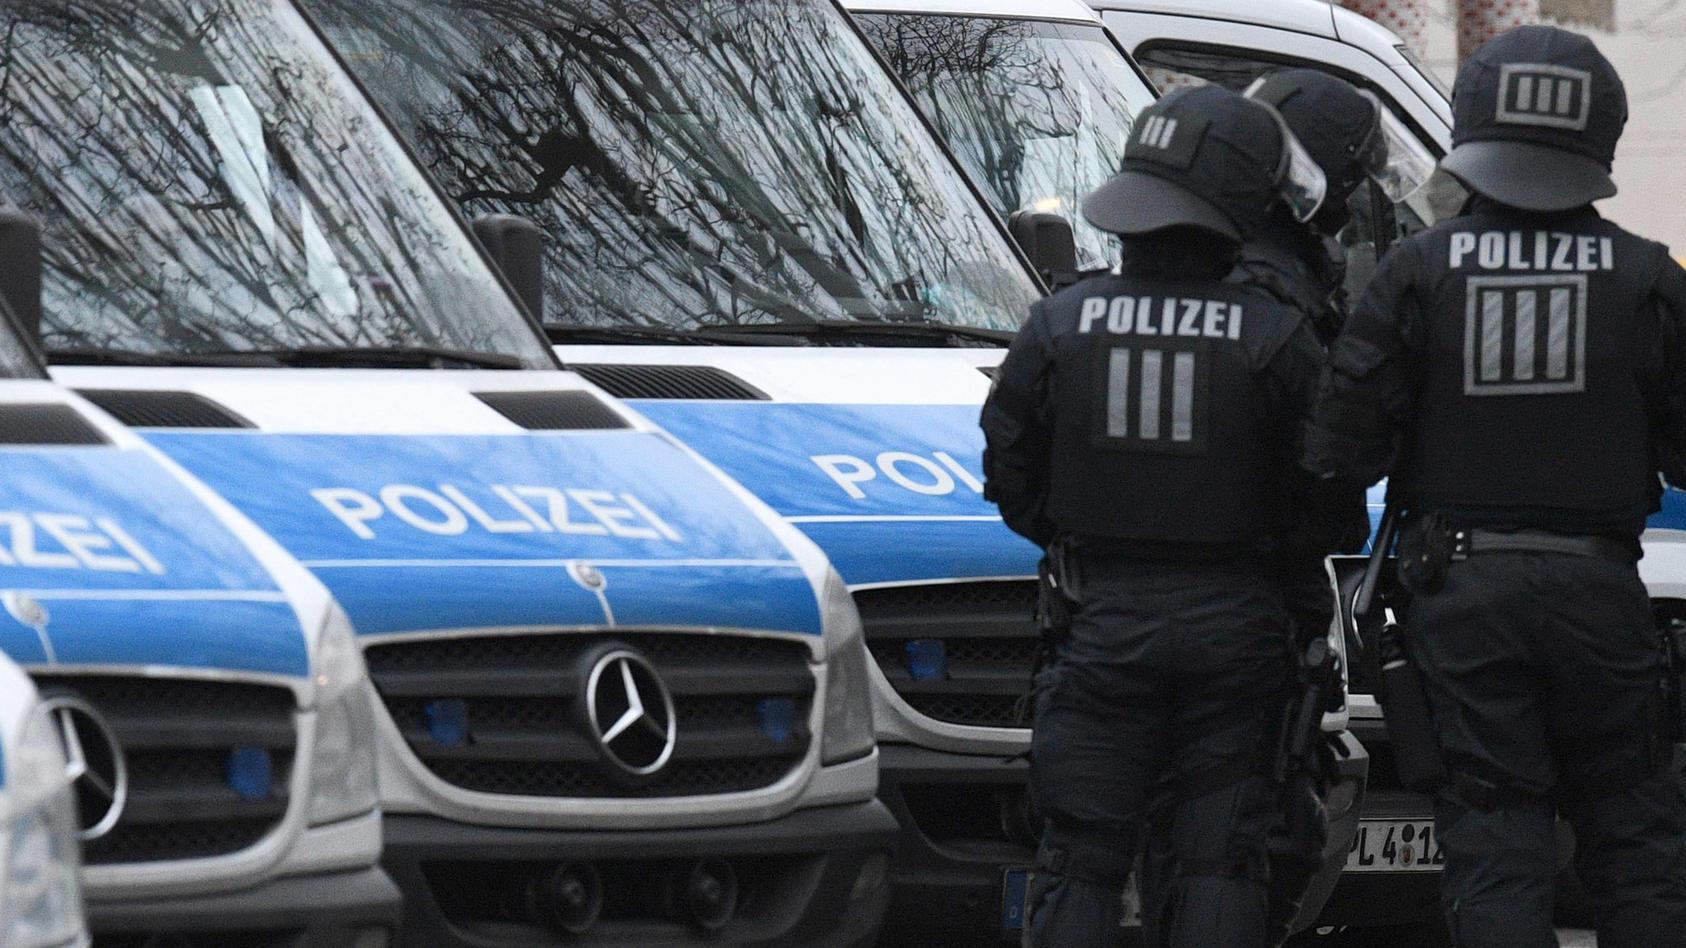 In Baden-Württemberg wurde ein 21 Jahre alter Terrorverdächtiger festgenommen. (Foto: Motivbild)